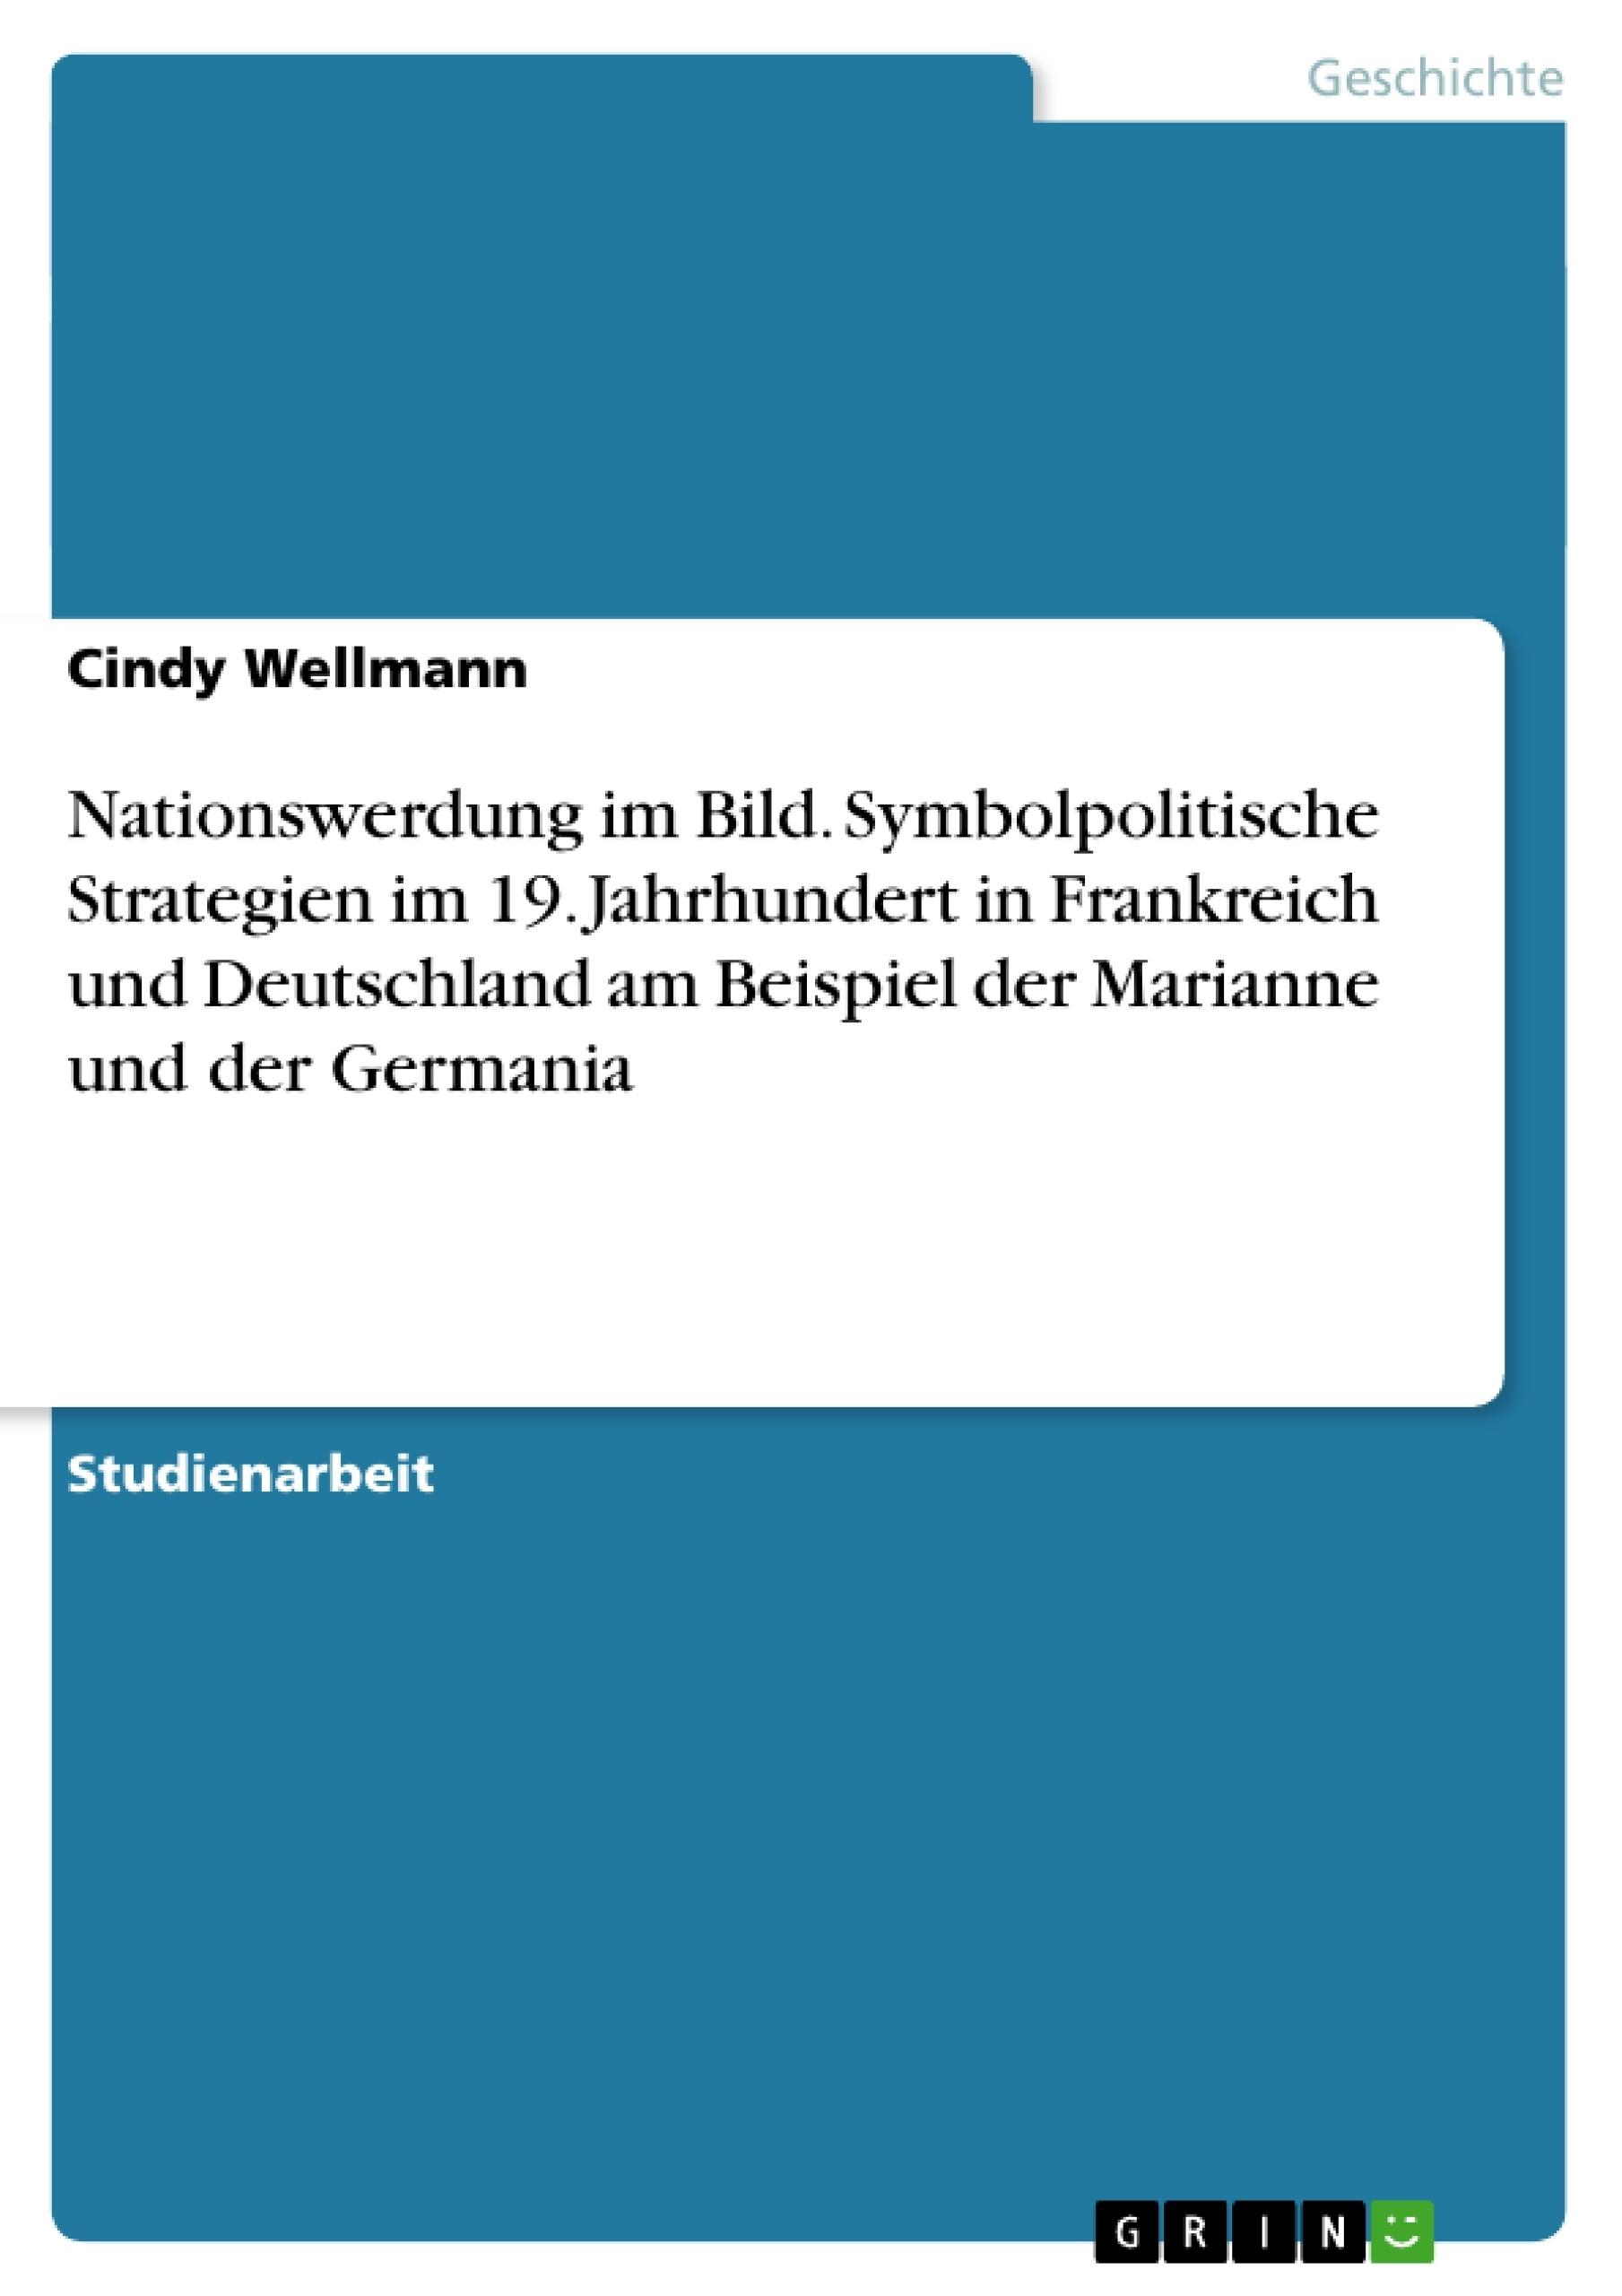 Titel: Nationswerdung im Bild. Symbolpolitische Strategien im 19. Jahrhundert in Frankreich und Deutschland am Beispiel der Marianne und der Germania